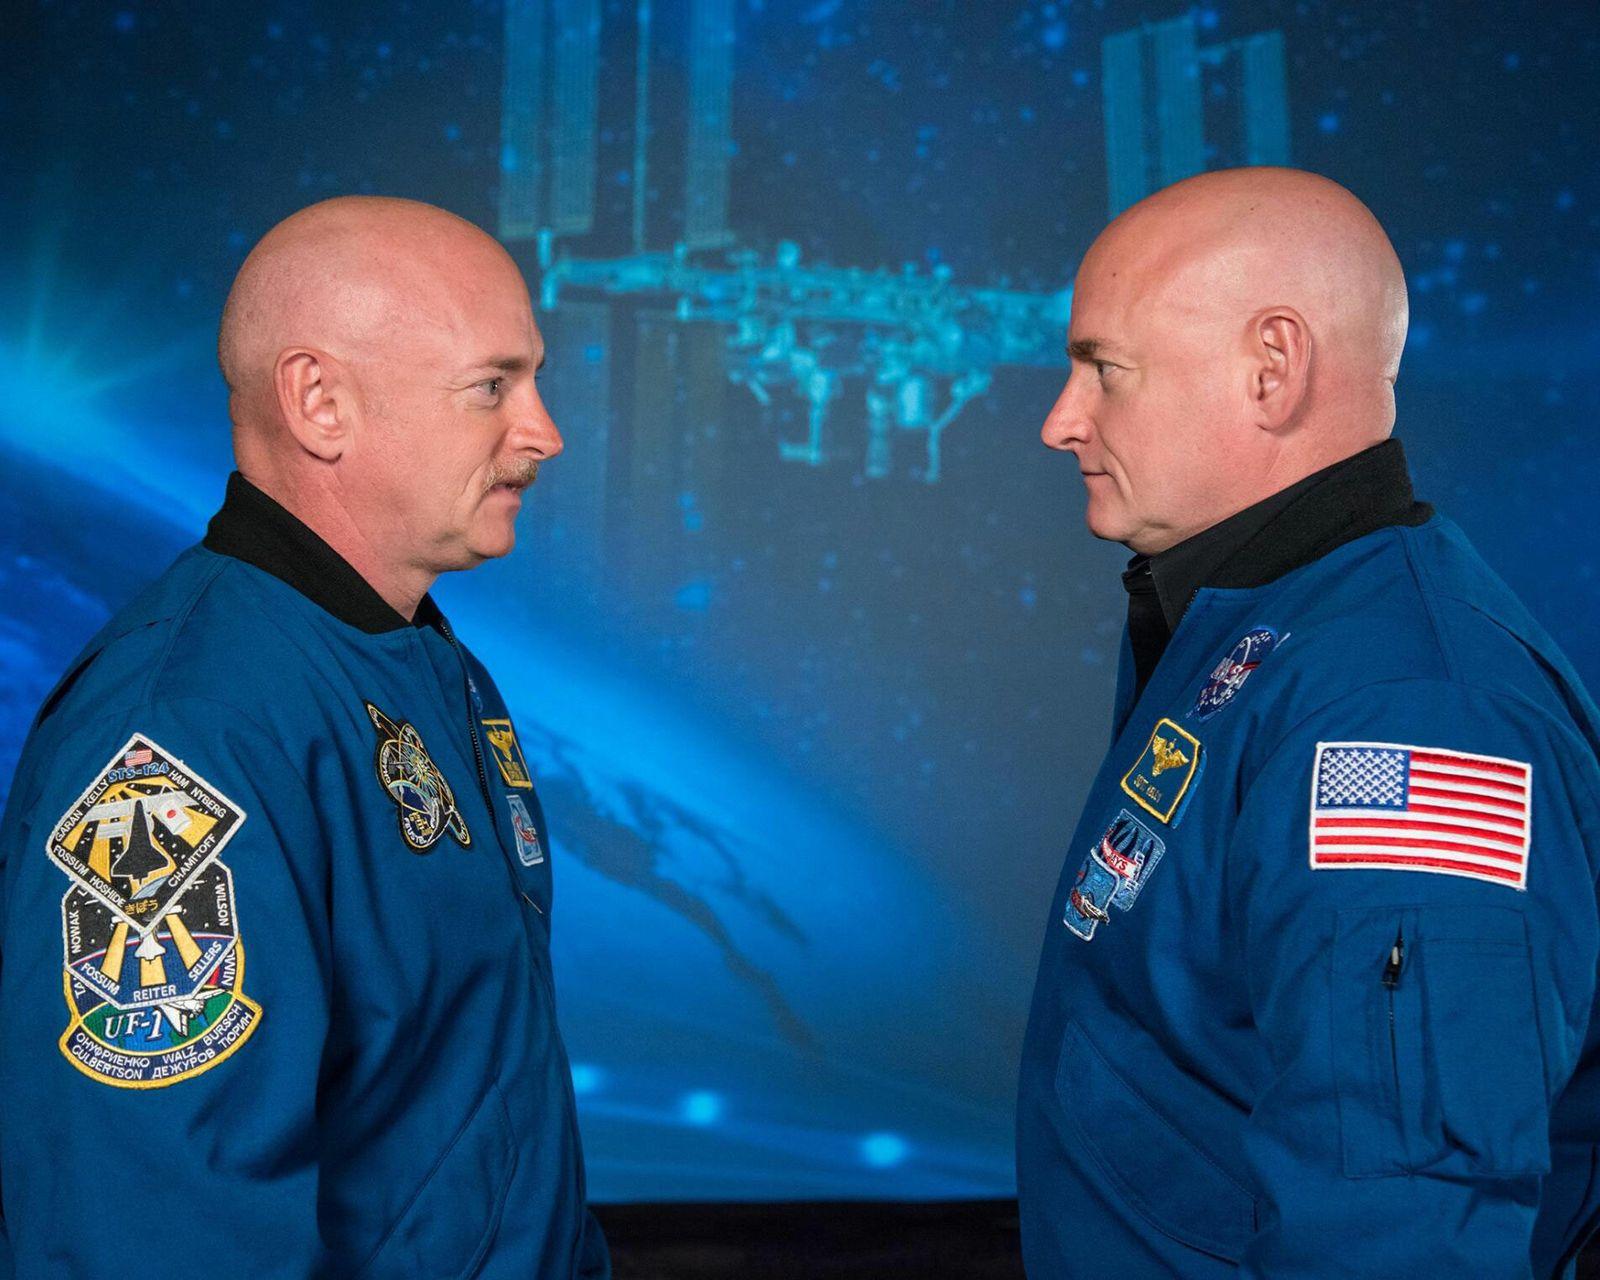 Para estudiar el envejecimiento, los científicos recurren al espacio exterior